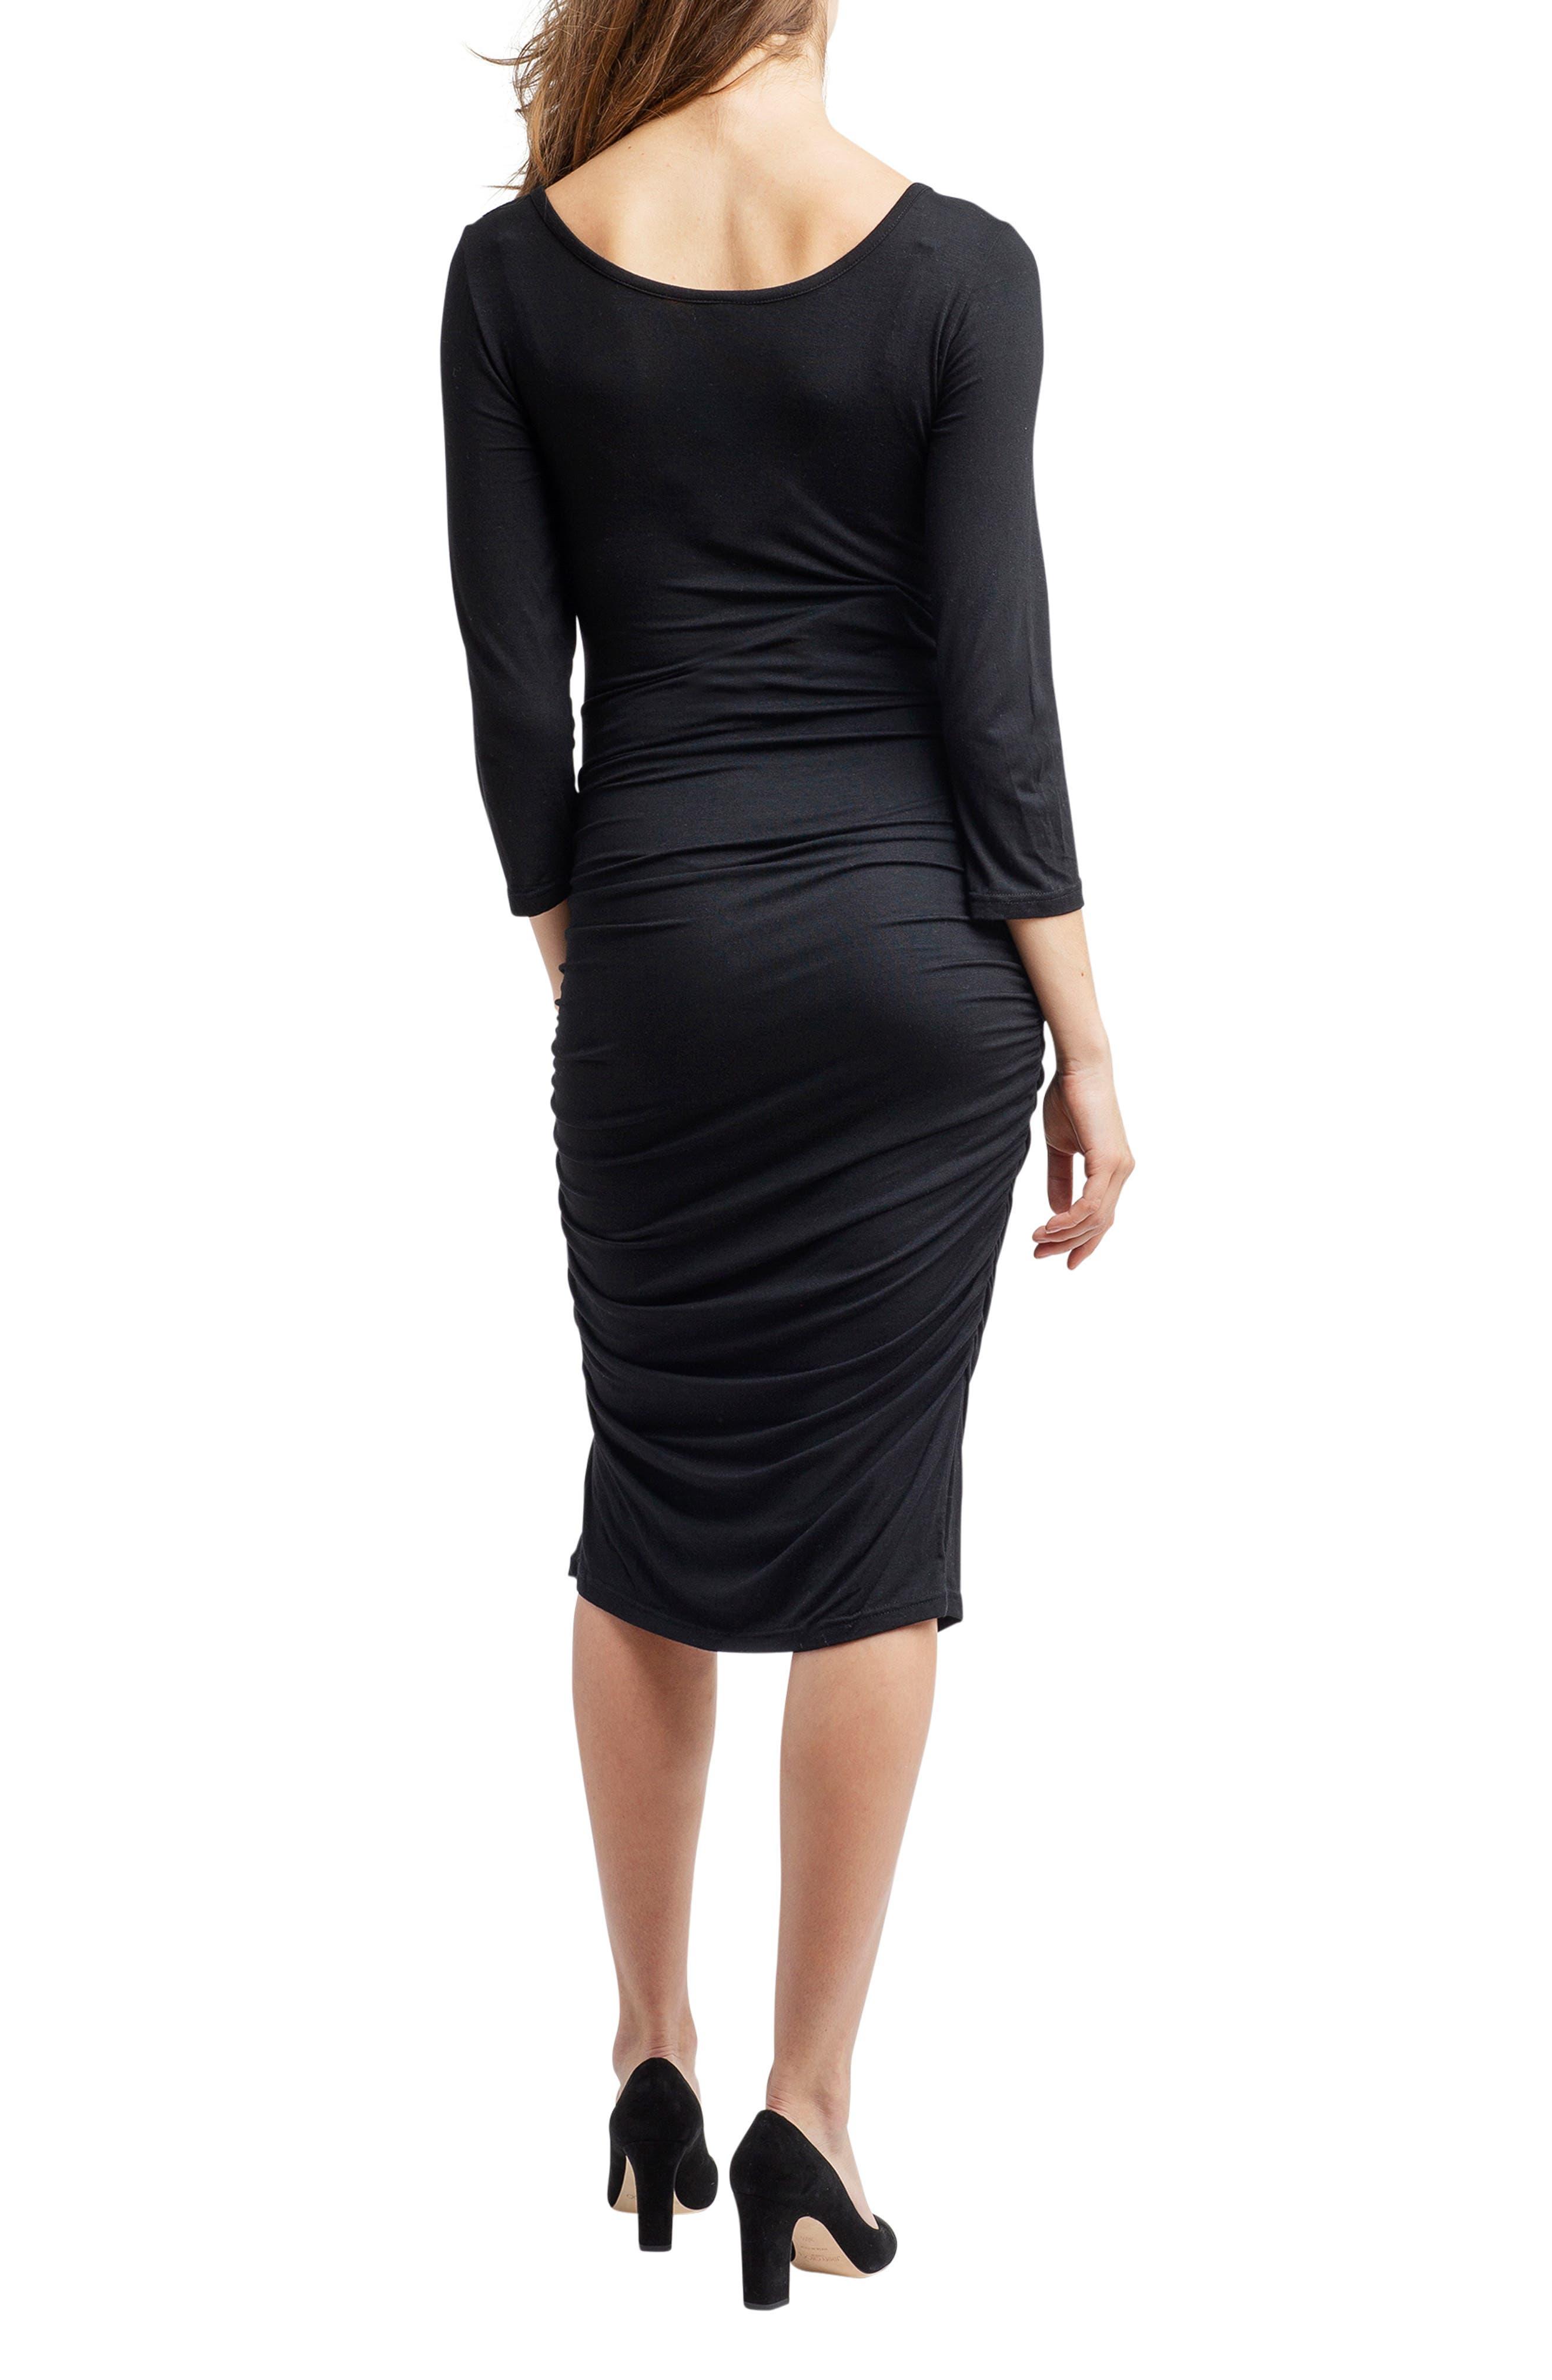 Nom Henley Maternity Dress,                             Alternate thumbnail 2, color,                             BLACK